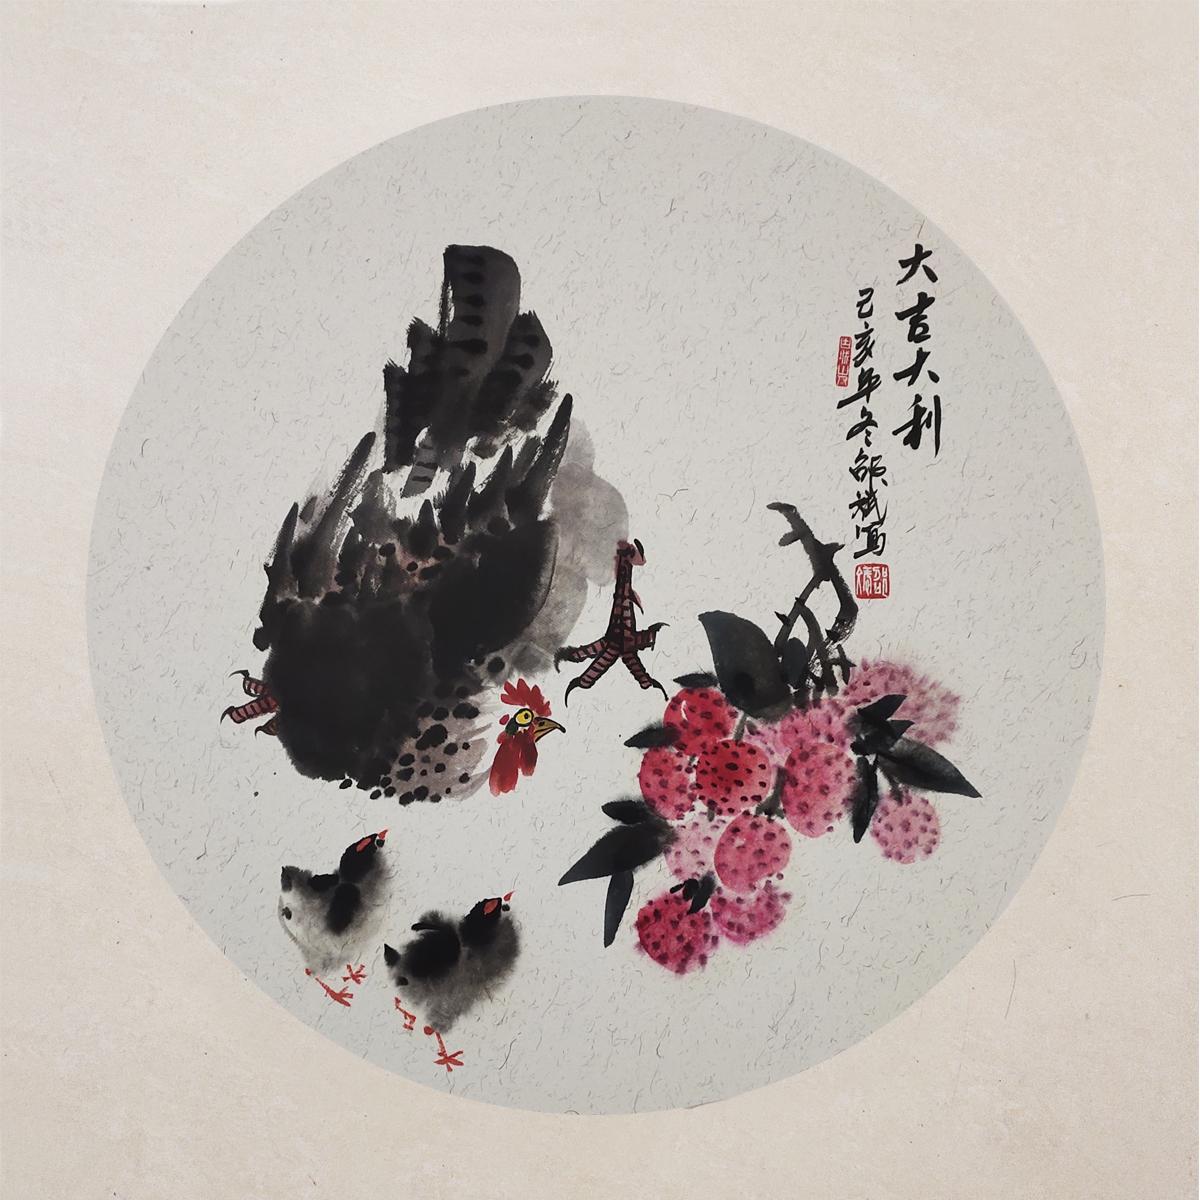 大吉大利国画作品 荔枝 圆形扇面花鸟画